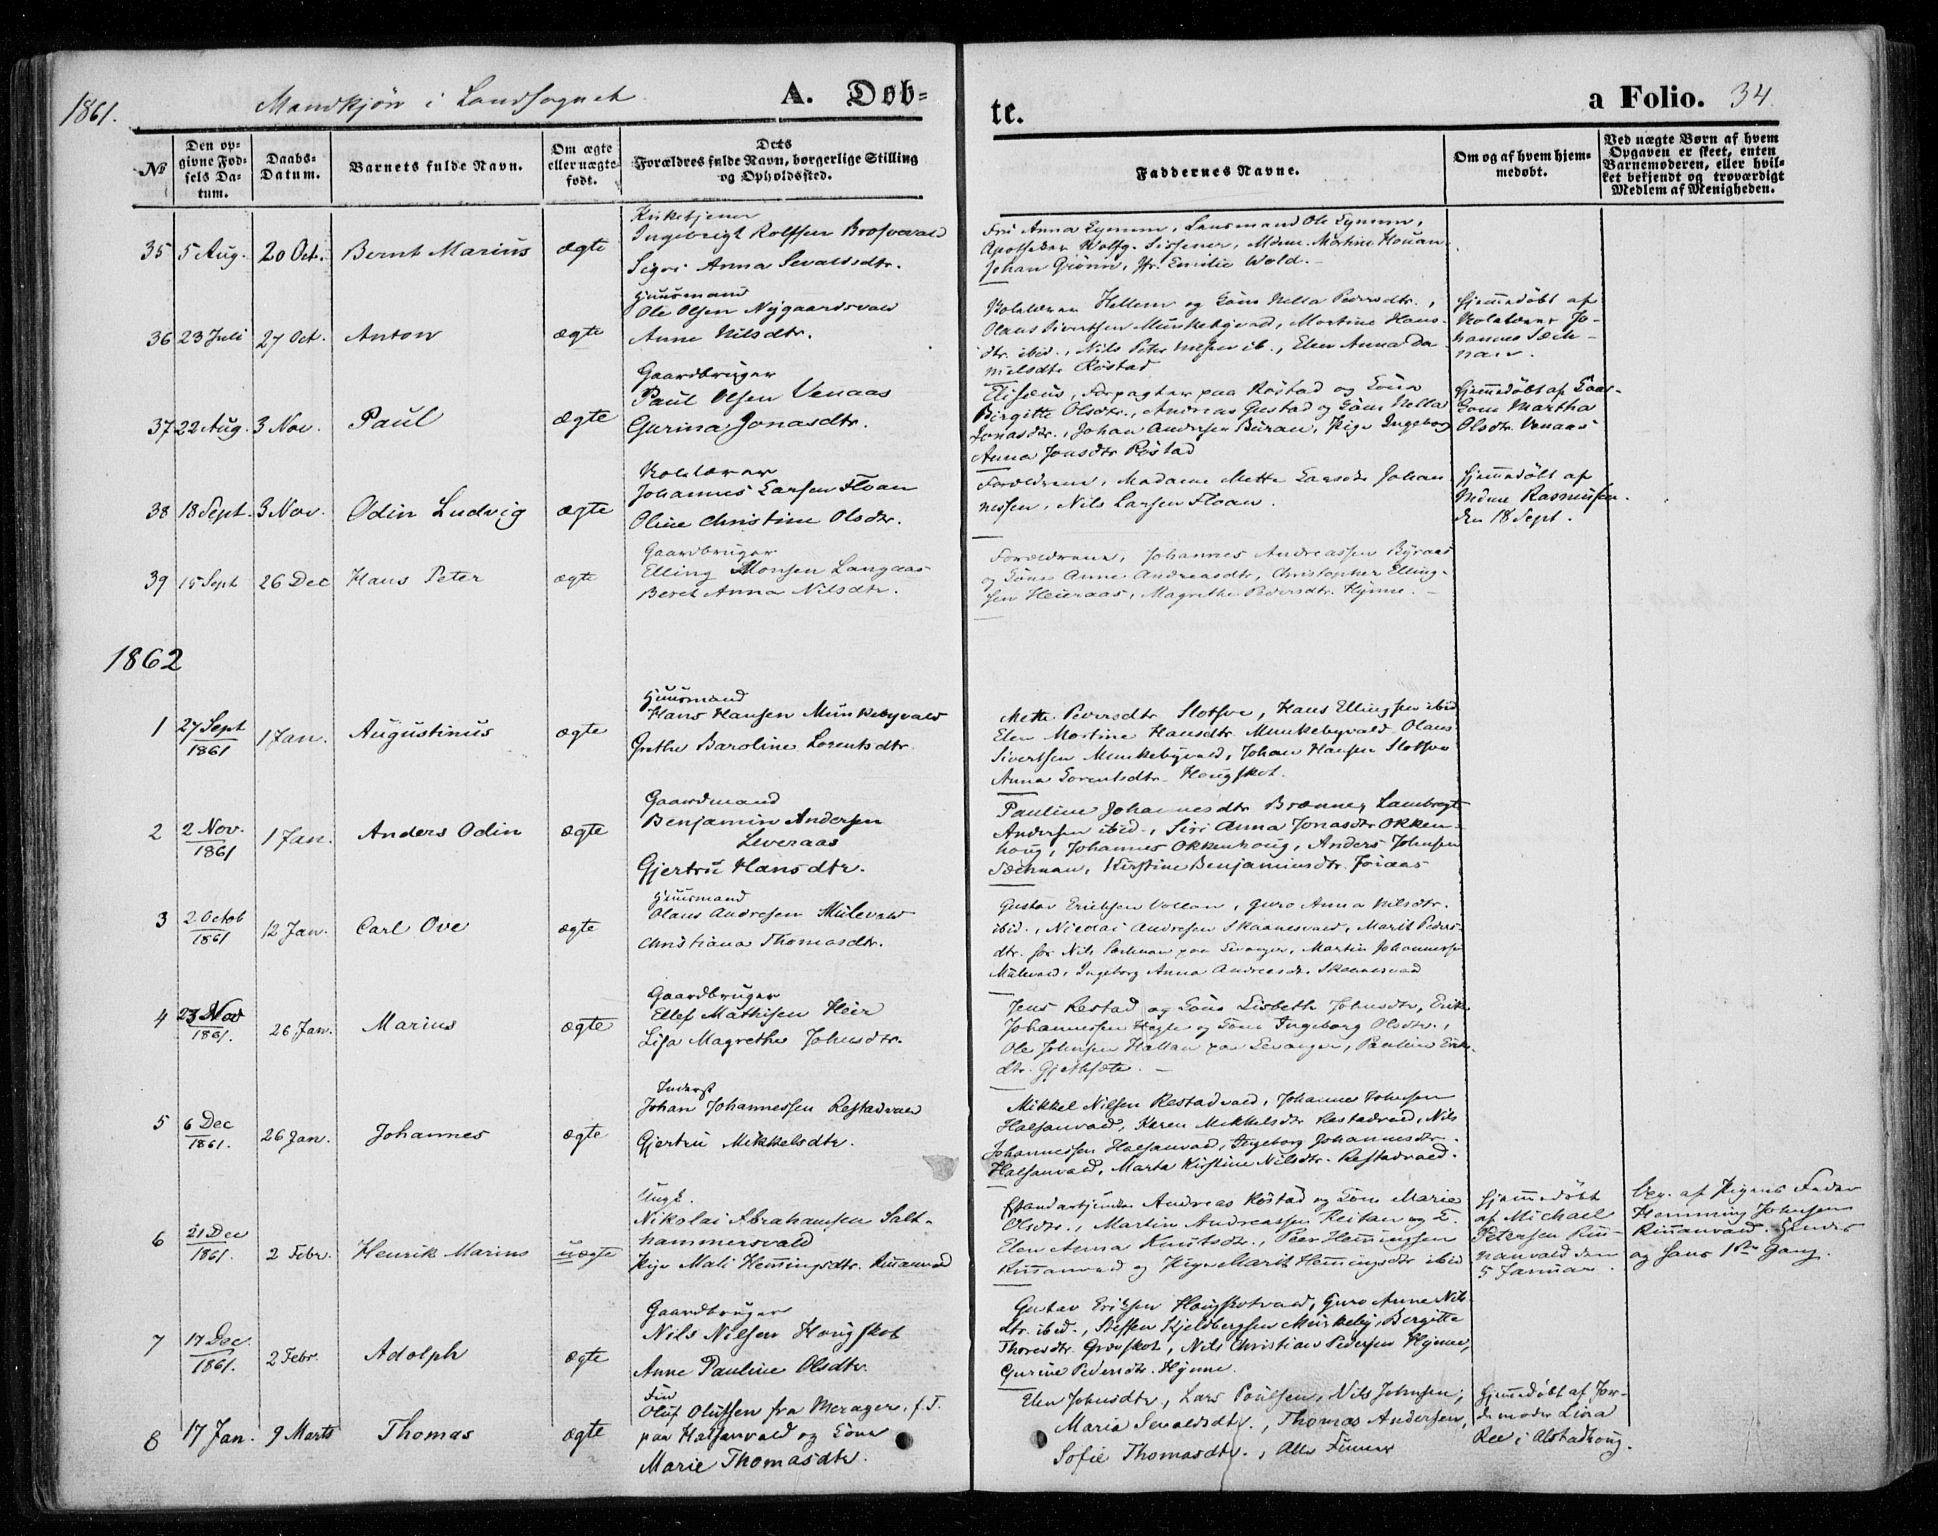 SAT, Ministerialprotokoller, klokkerbøker og fødselsregistre - Nord-Trøndelag, 720/L0184: Ministerialbok nr. 720A02 /2, 1855-1863, s. 34